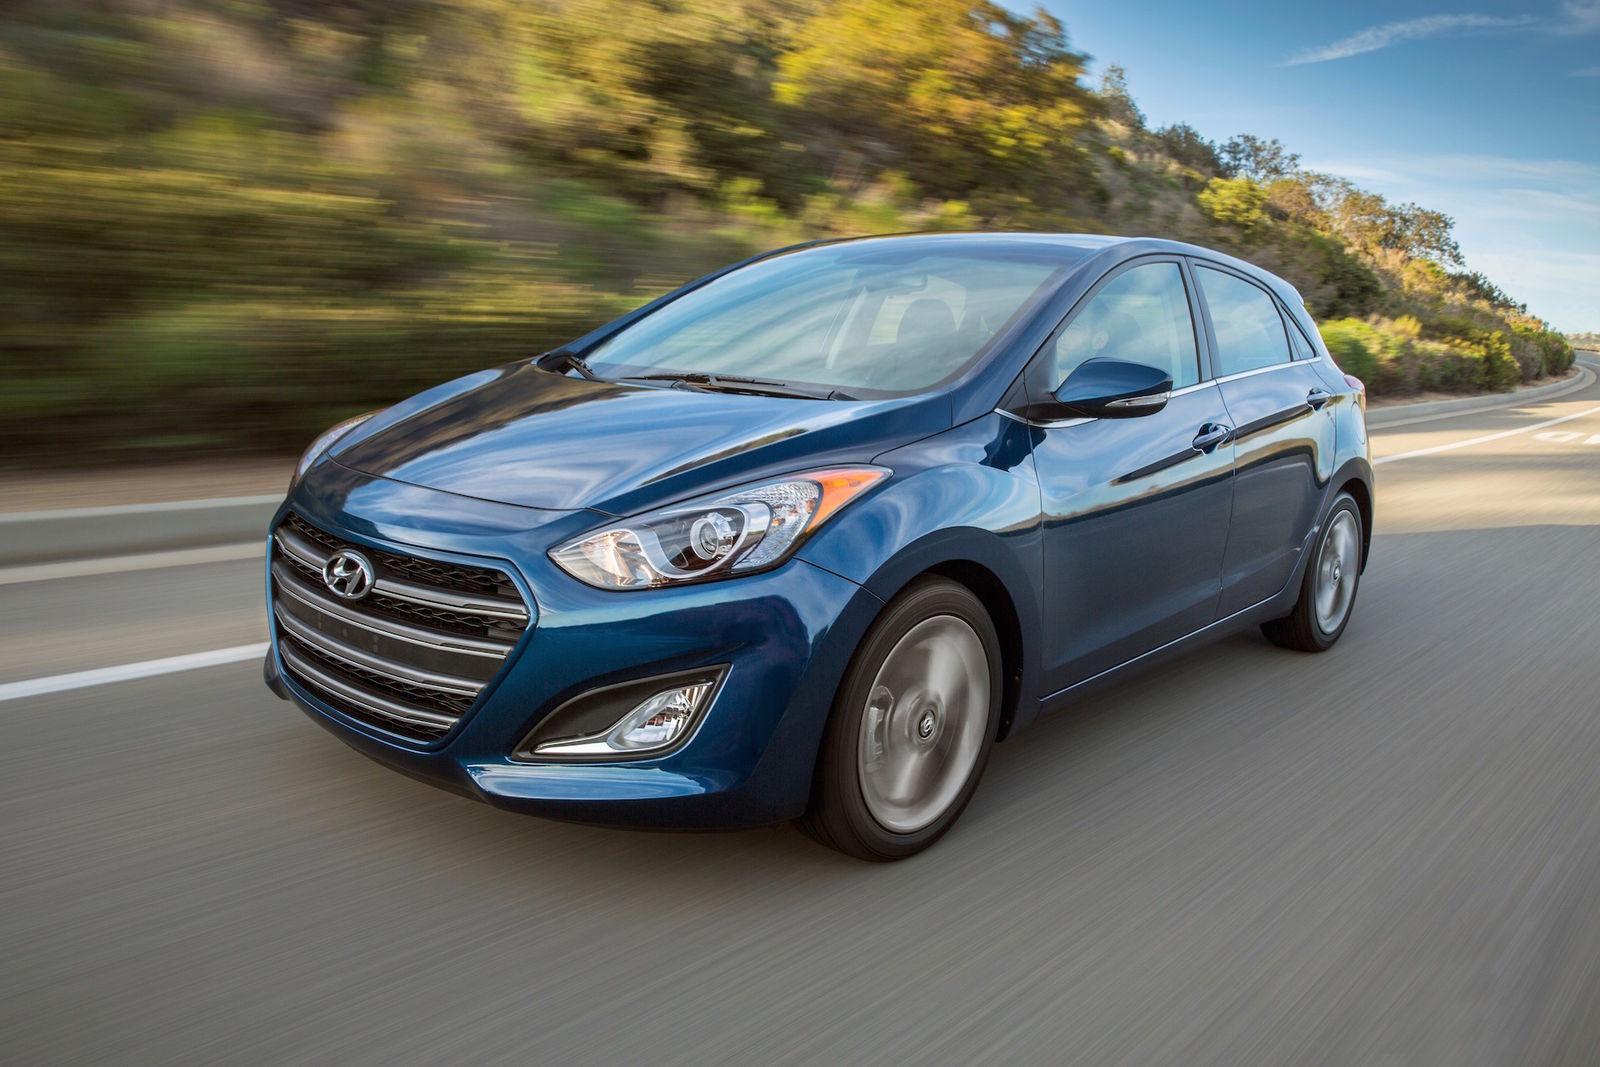 Hyundai i30 2017 sắp ra mắt với 7 lựa chọn động cơ